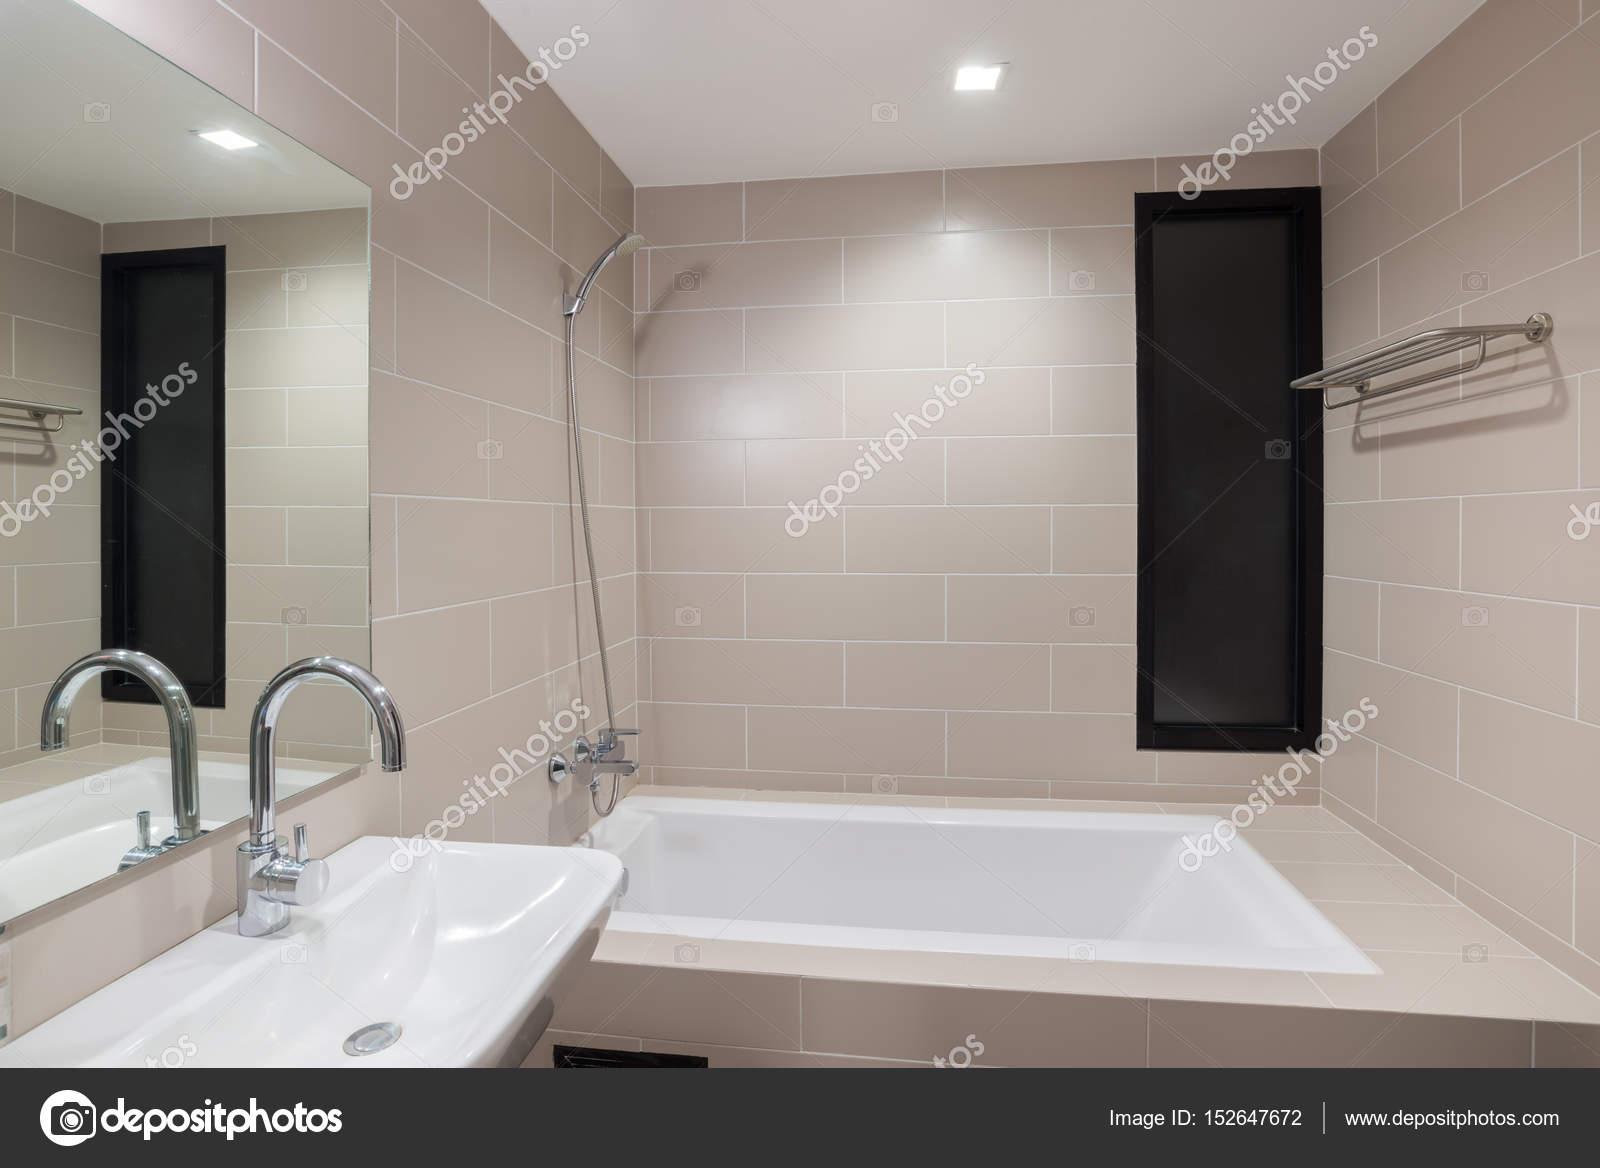 Moderno cuarto de baño con ducha y bañera — Foto de stock ...